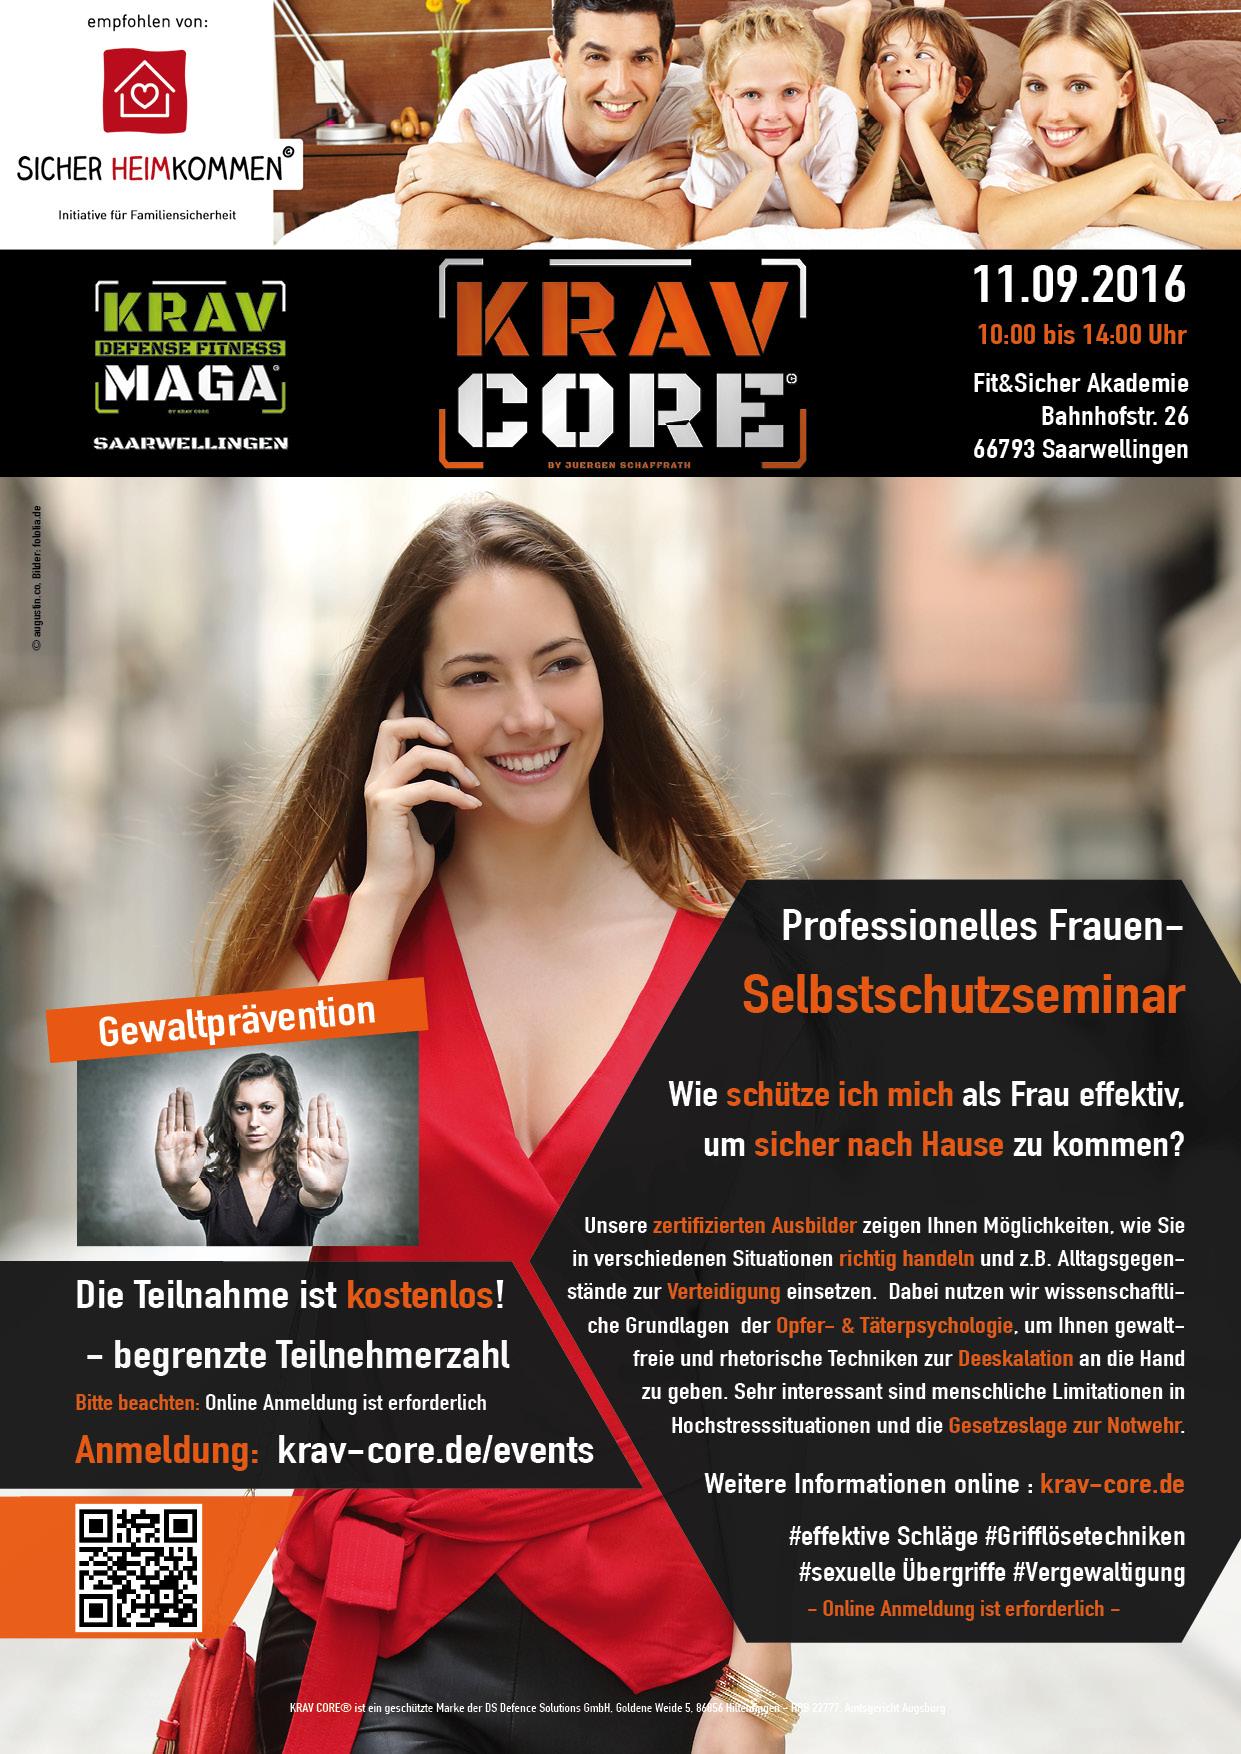 Frauenselbstverteidigung-Saarwellingen-11-09-2016